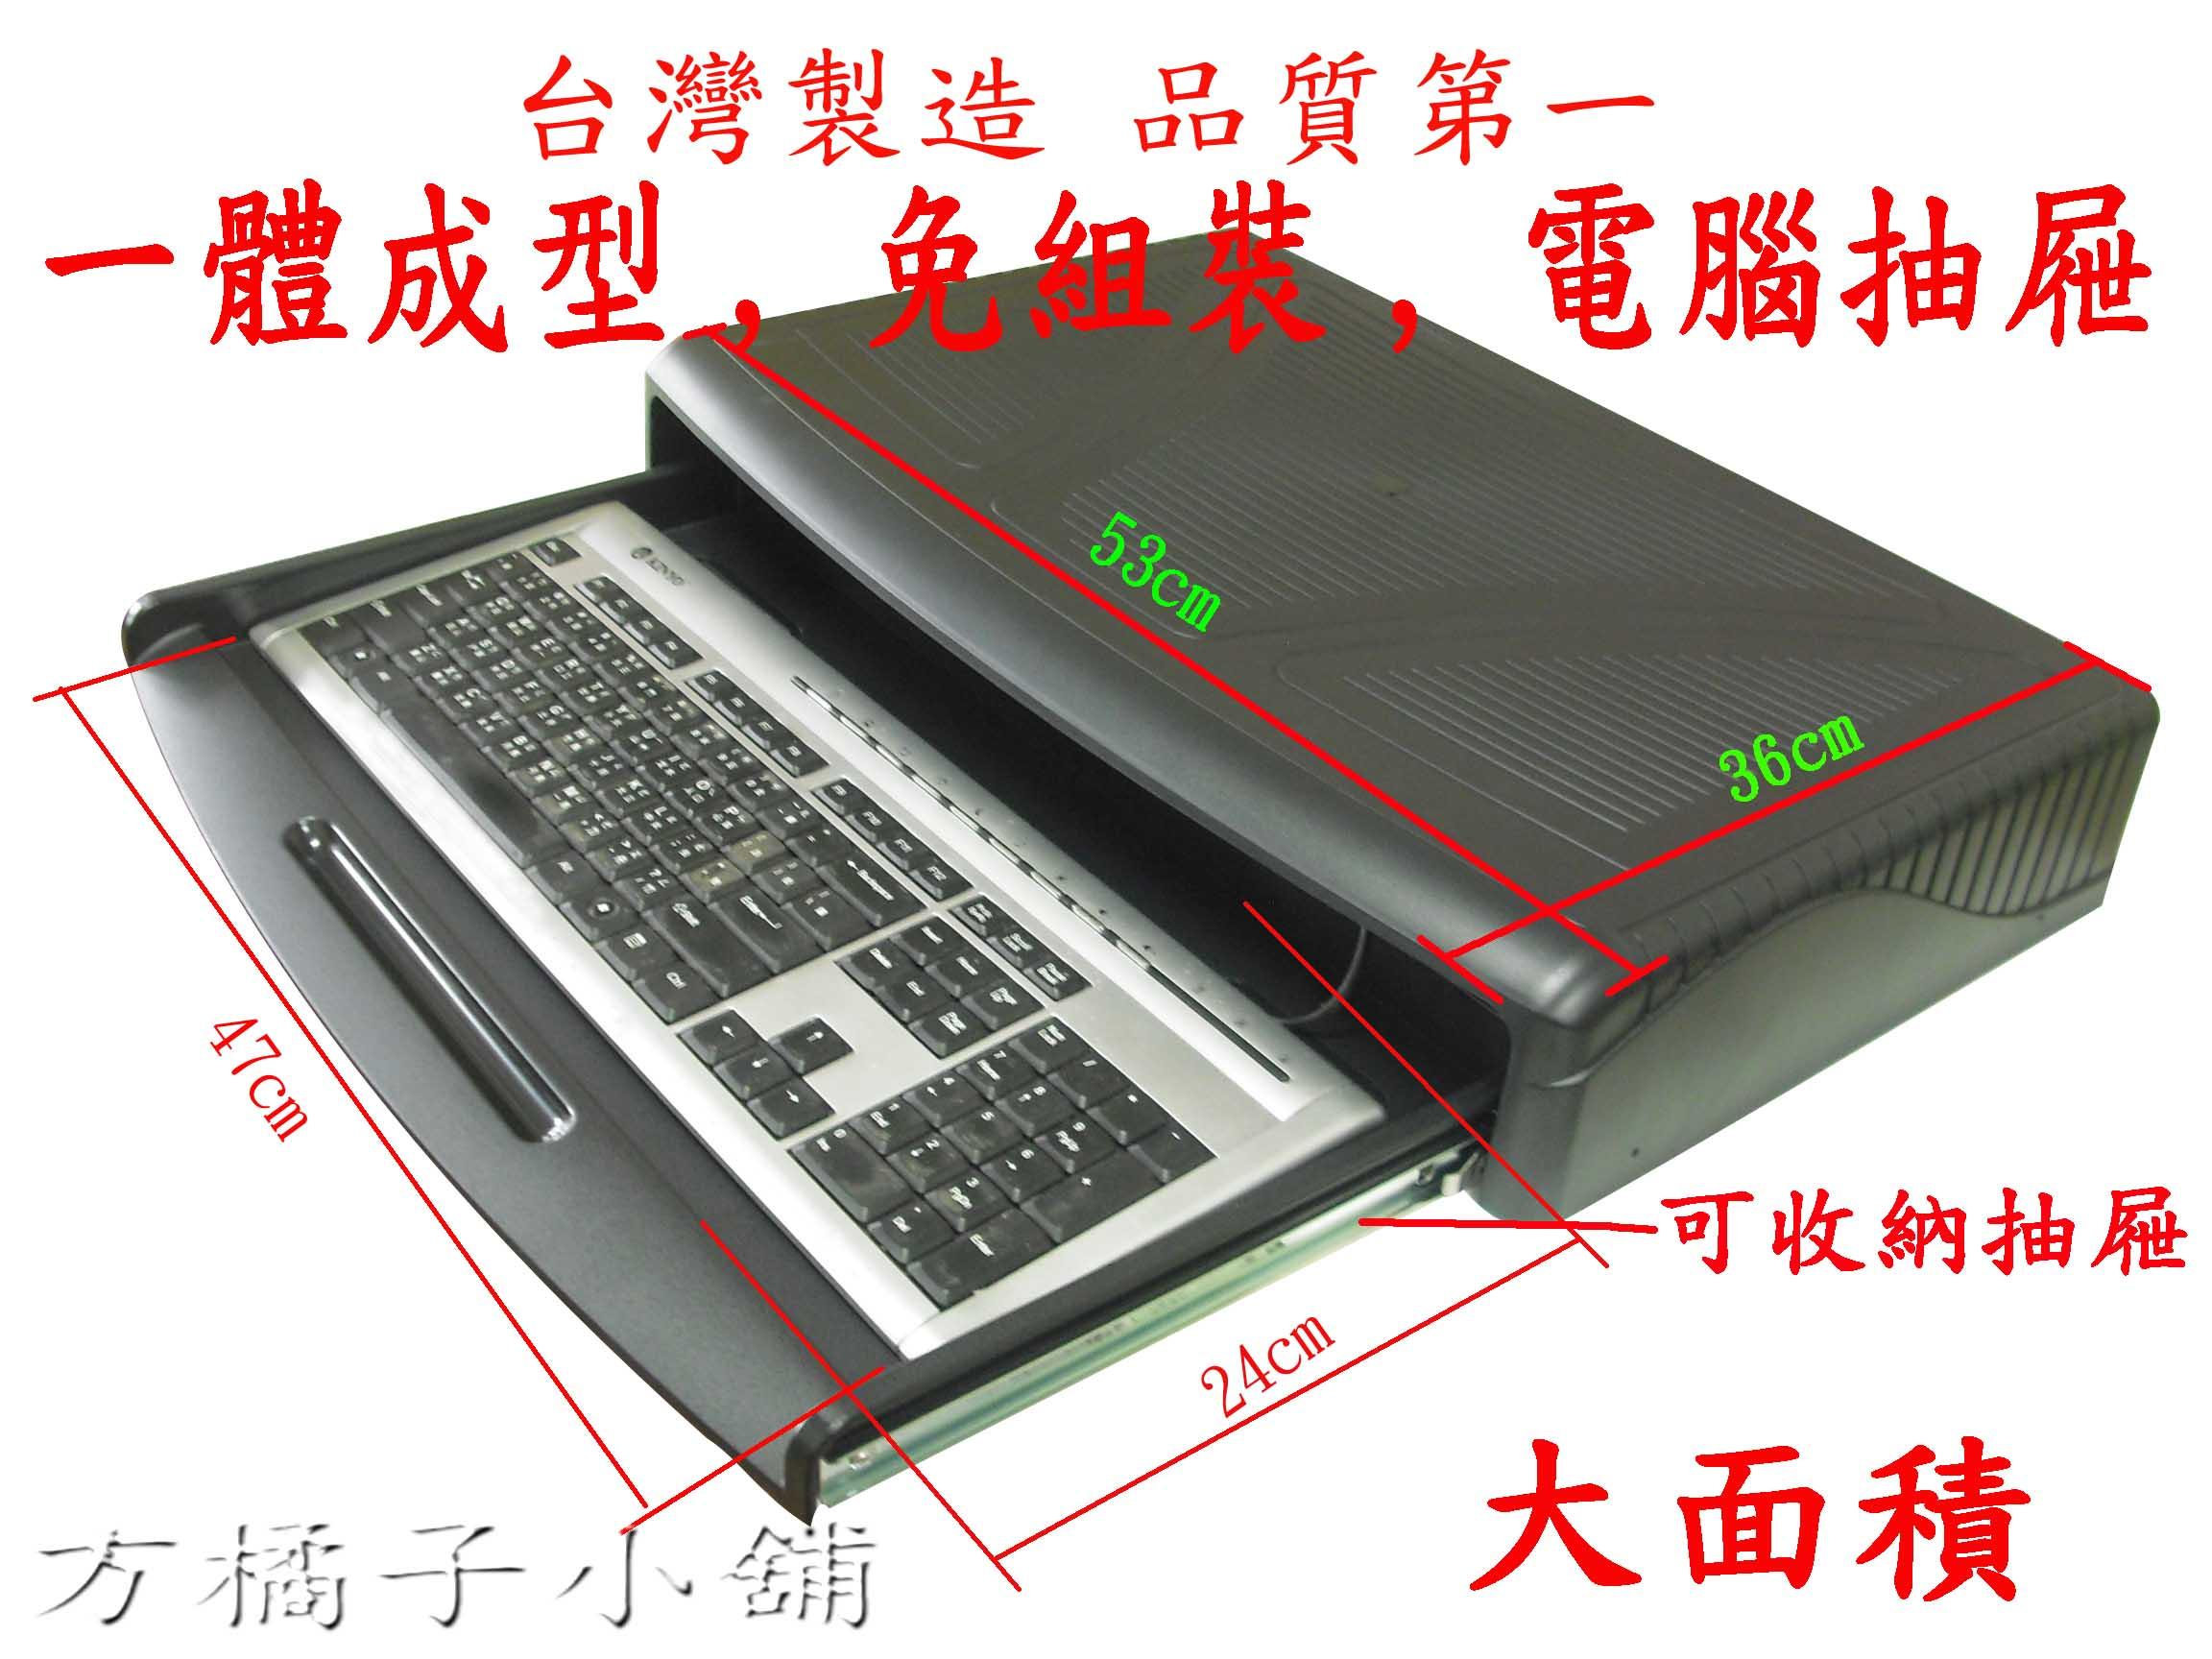 桌上型鍵盤架